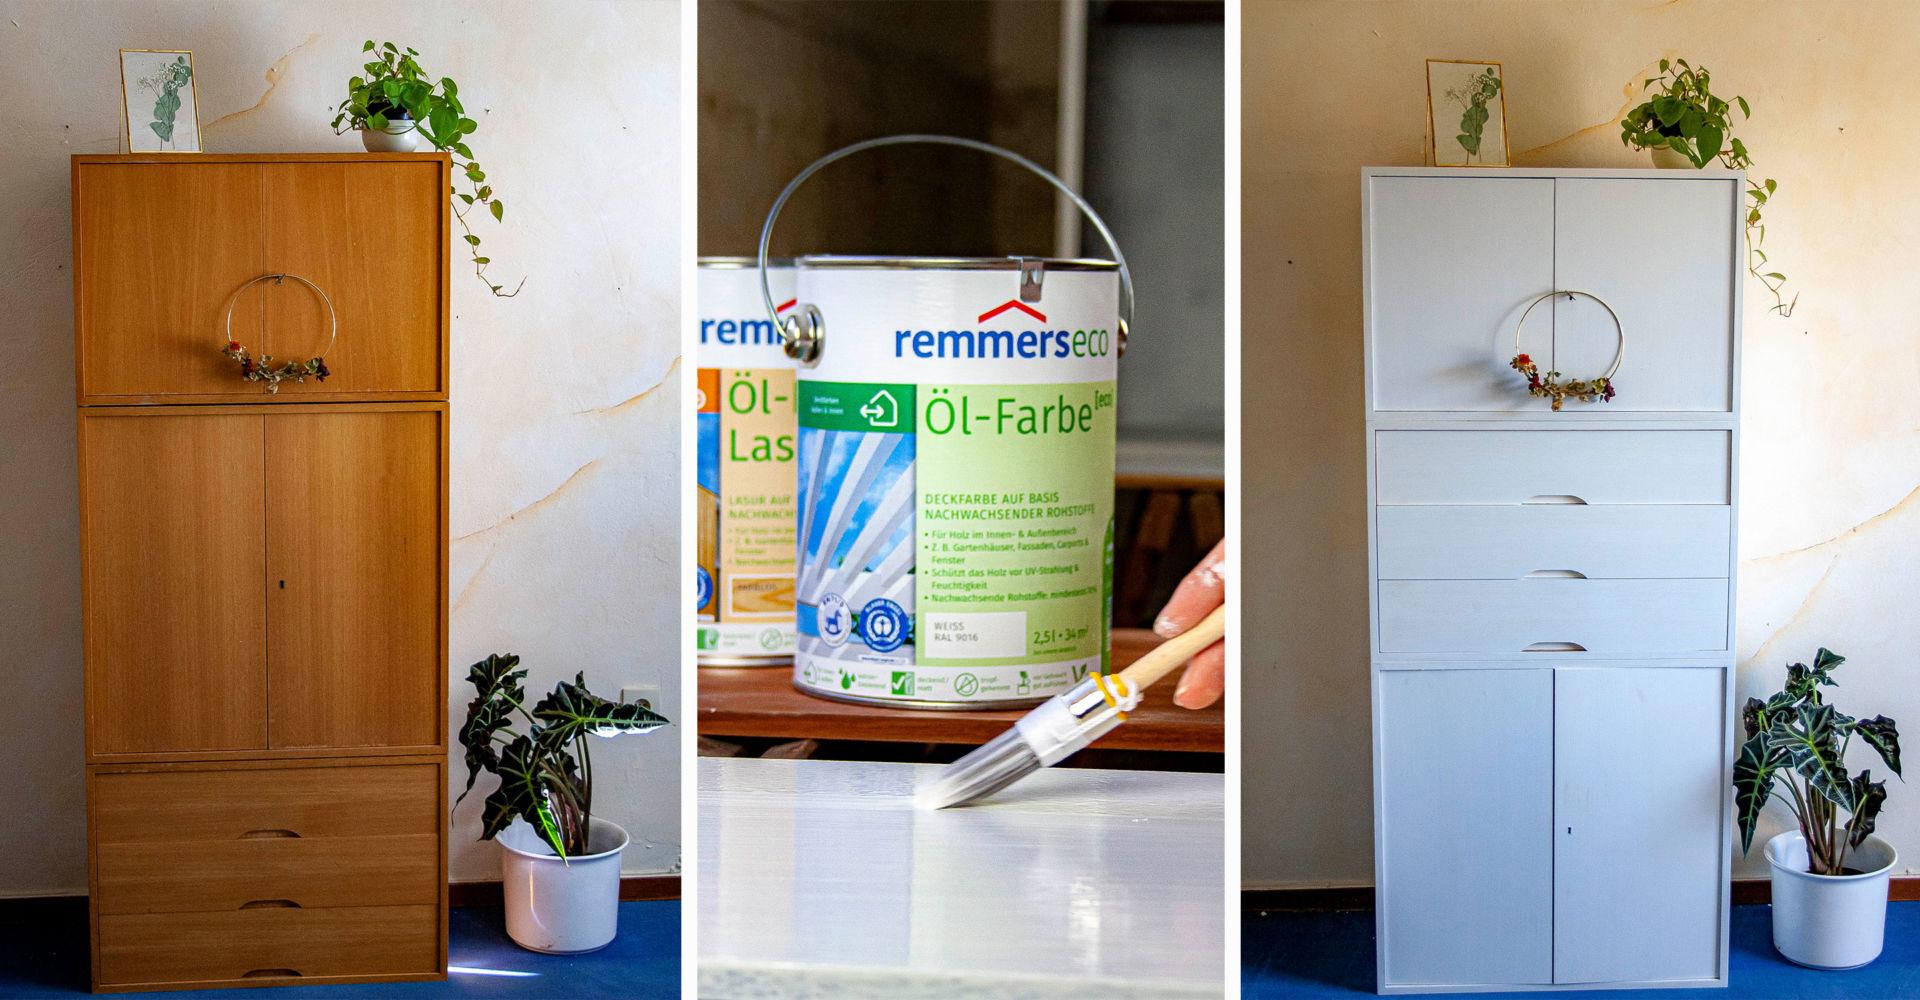 Anzeige: alten Schrank aufarbeiten mit Remmers[eco]-Farben